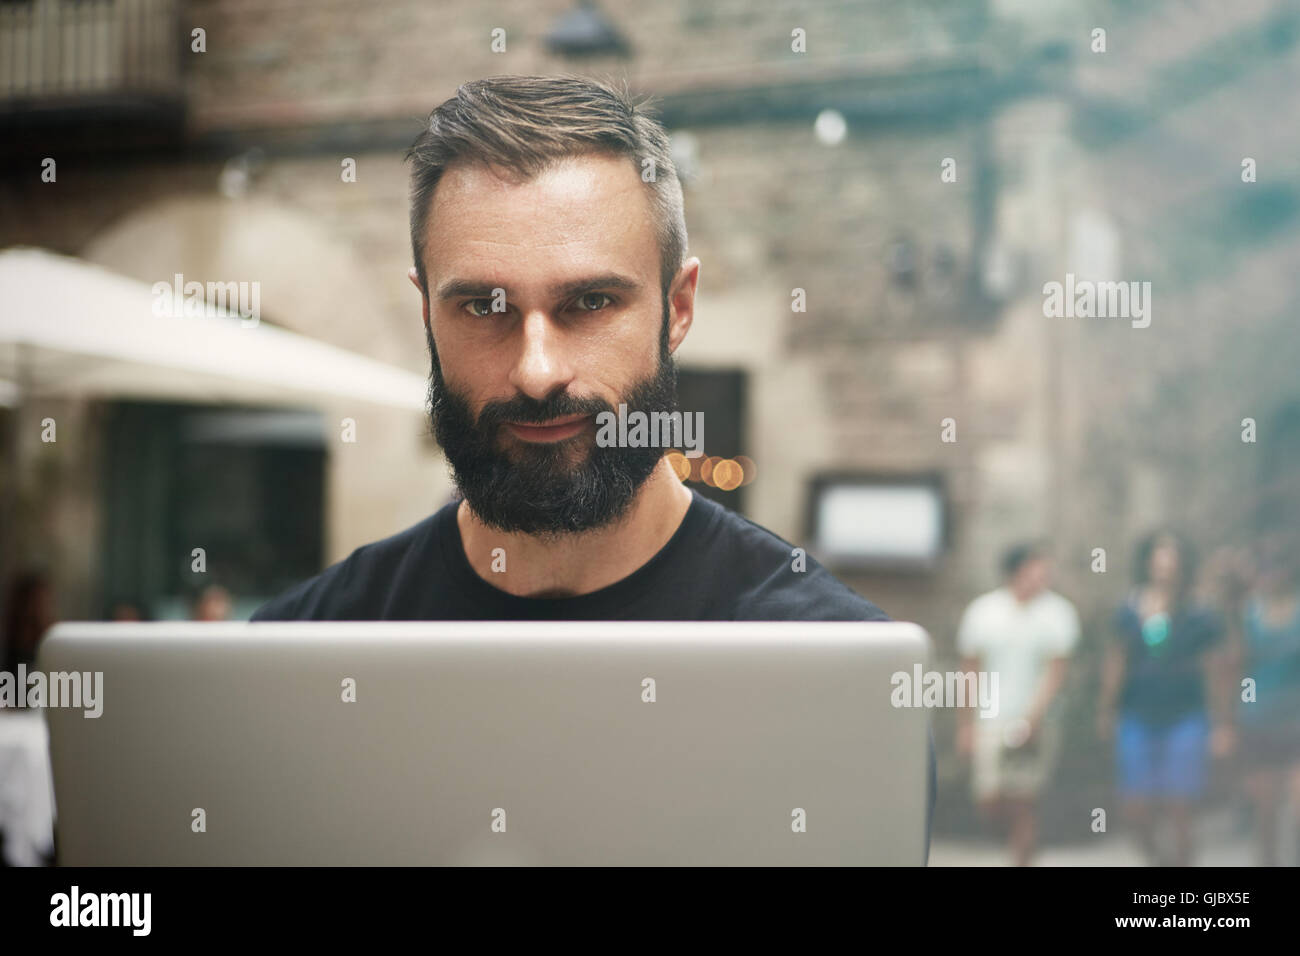 Closeup Portrait schöne bärtige Geschäftsmann tragen schwarze Tshirt arbeiten Laptop Urban Cafe.Young Stockbild